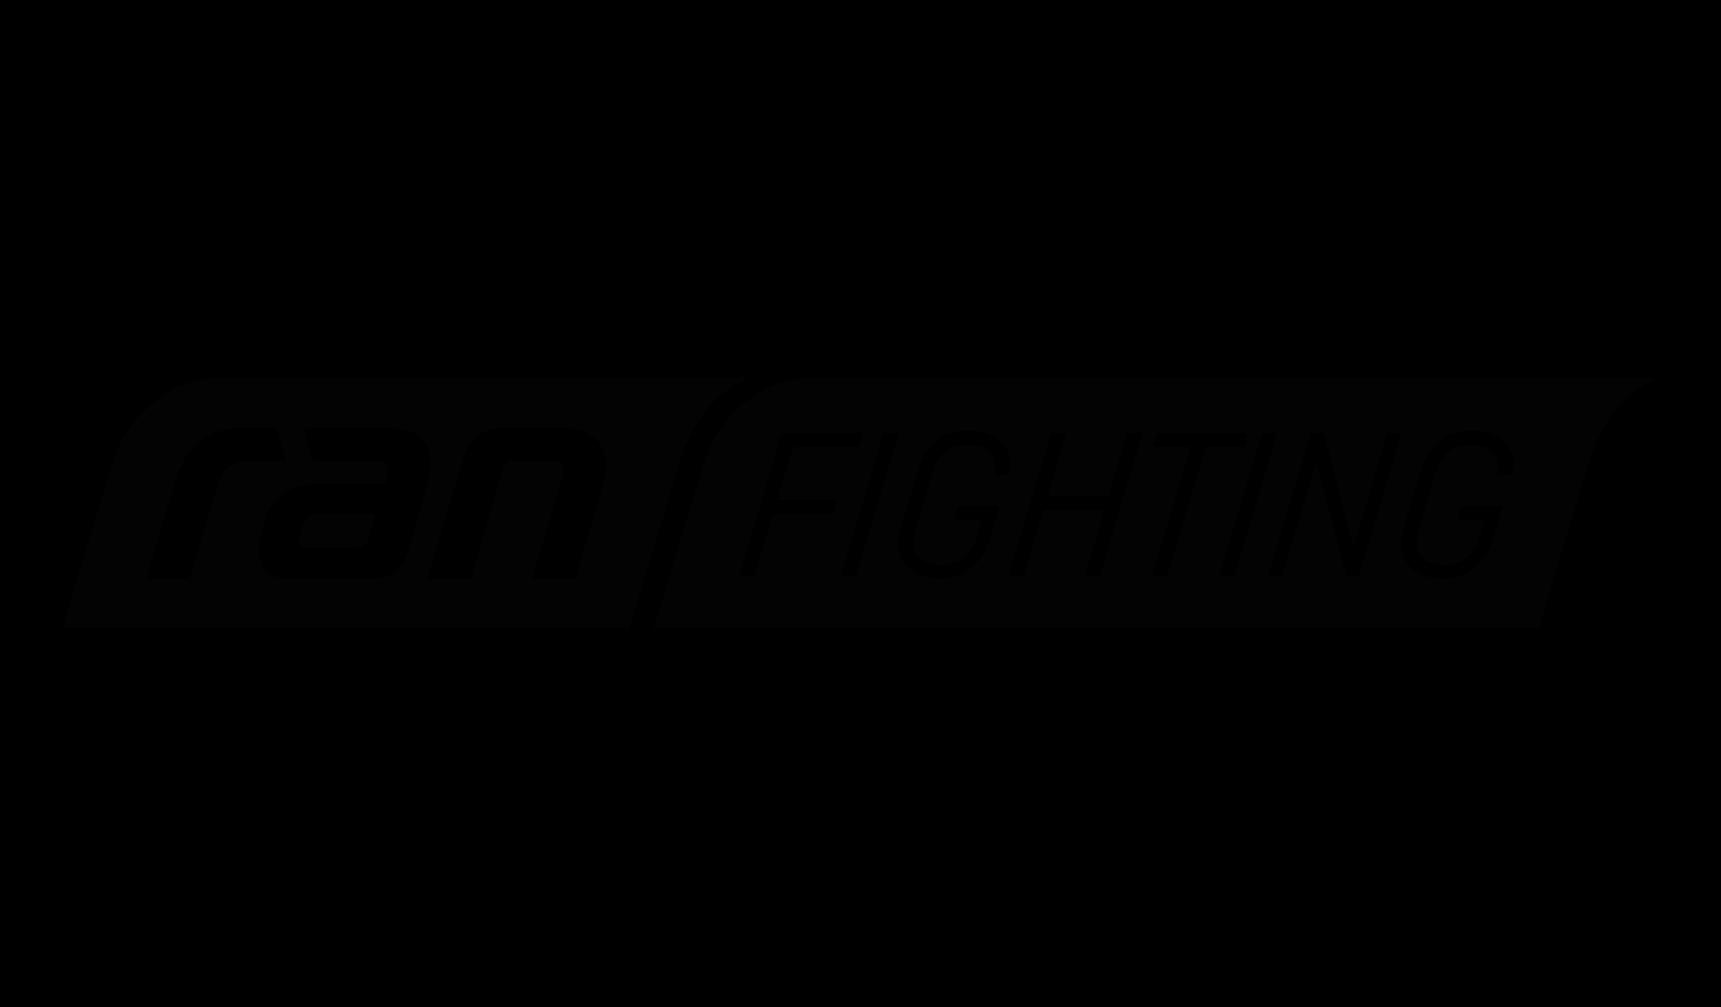 Logo des Unternehmens der ProSiebenSat.1 Media SE, Ranfighting, Ran-Fighting, Ran Fighting, Kampfsportsender und Archiv, Partner von FEFLOGX Sportswear.